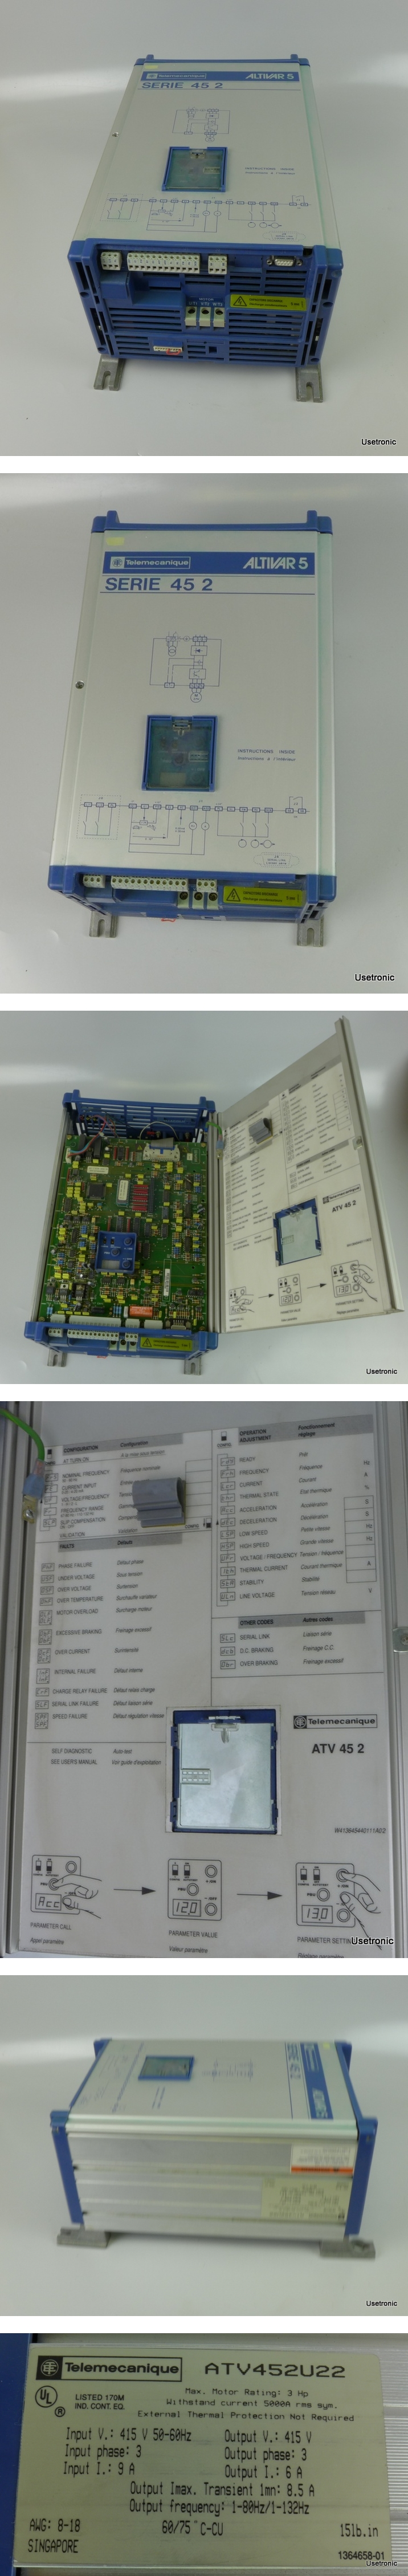 Telemecanique ATV452U22